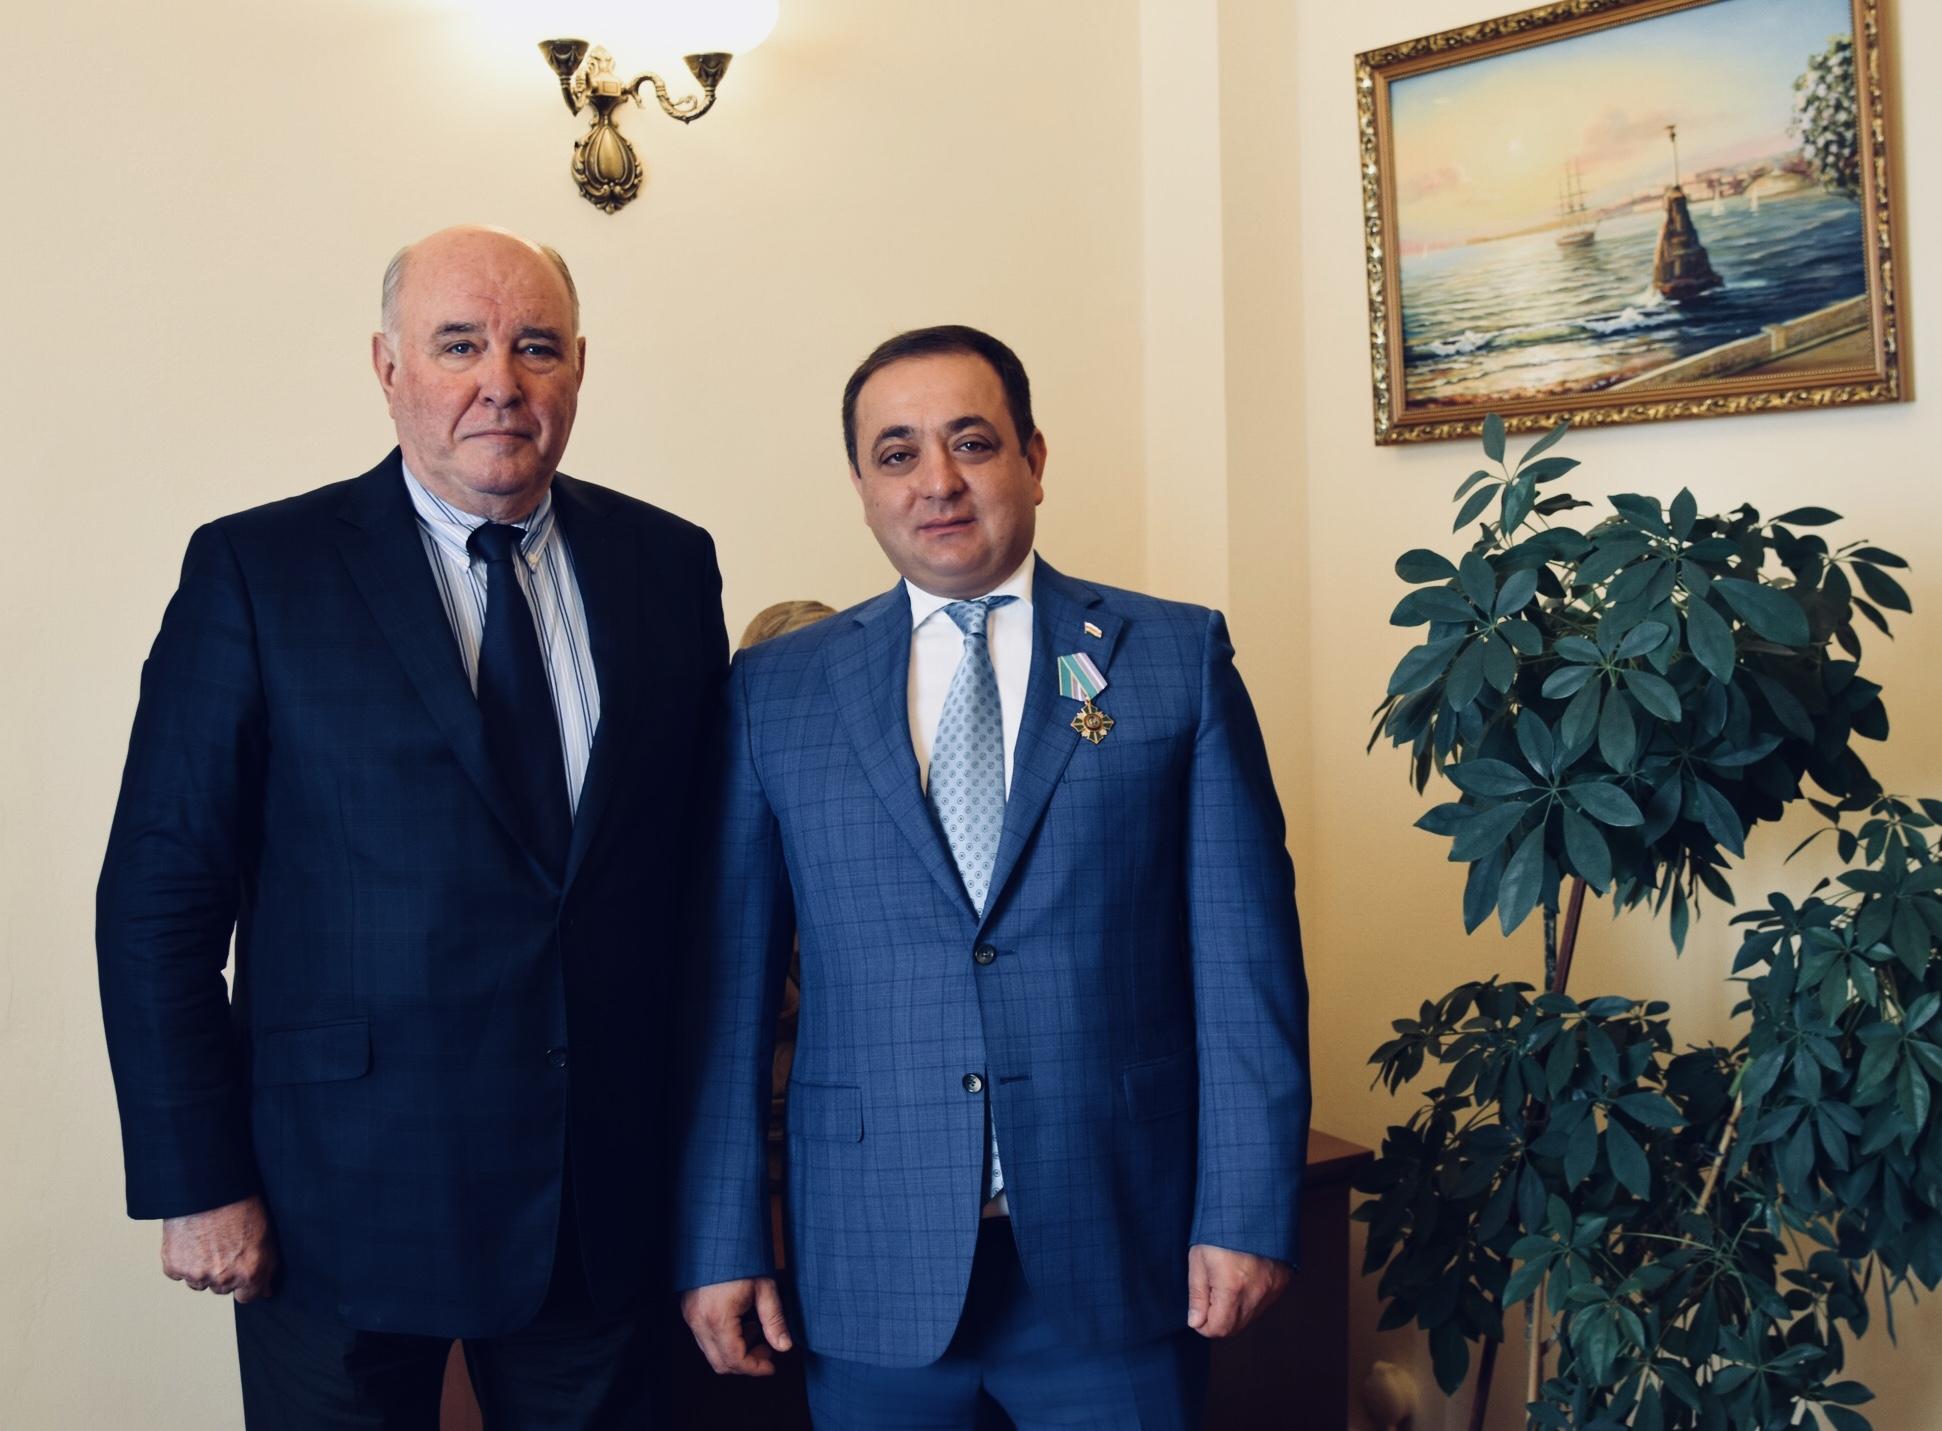 Сергей Лавров наградил Знаура Гассиева